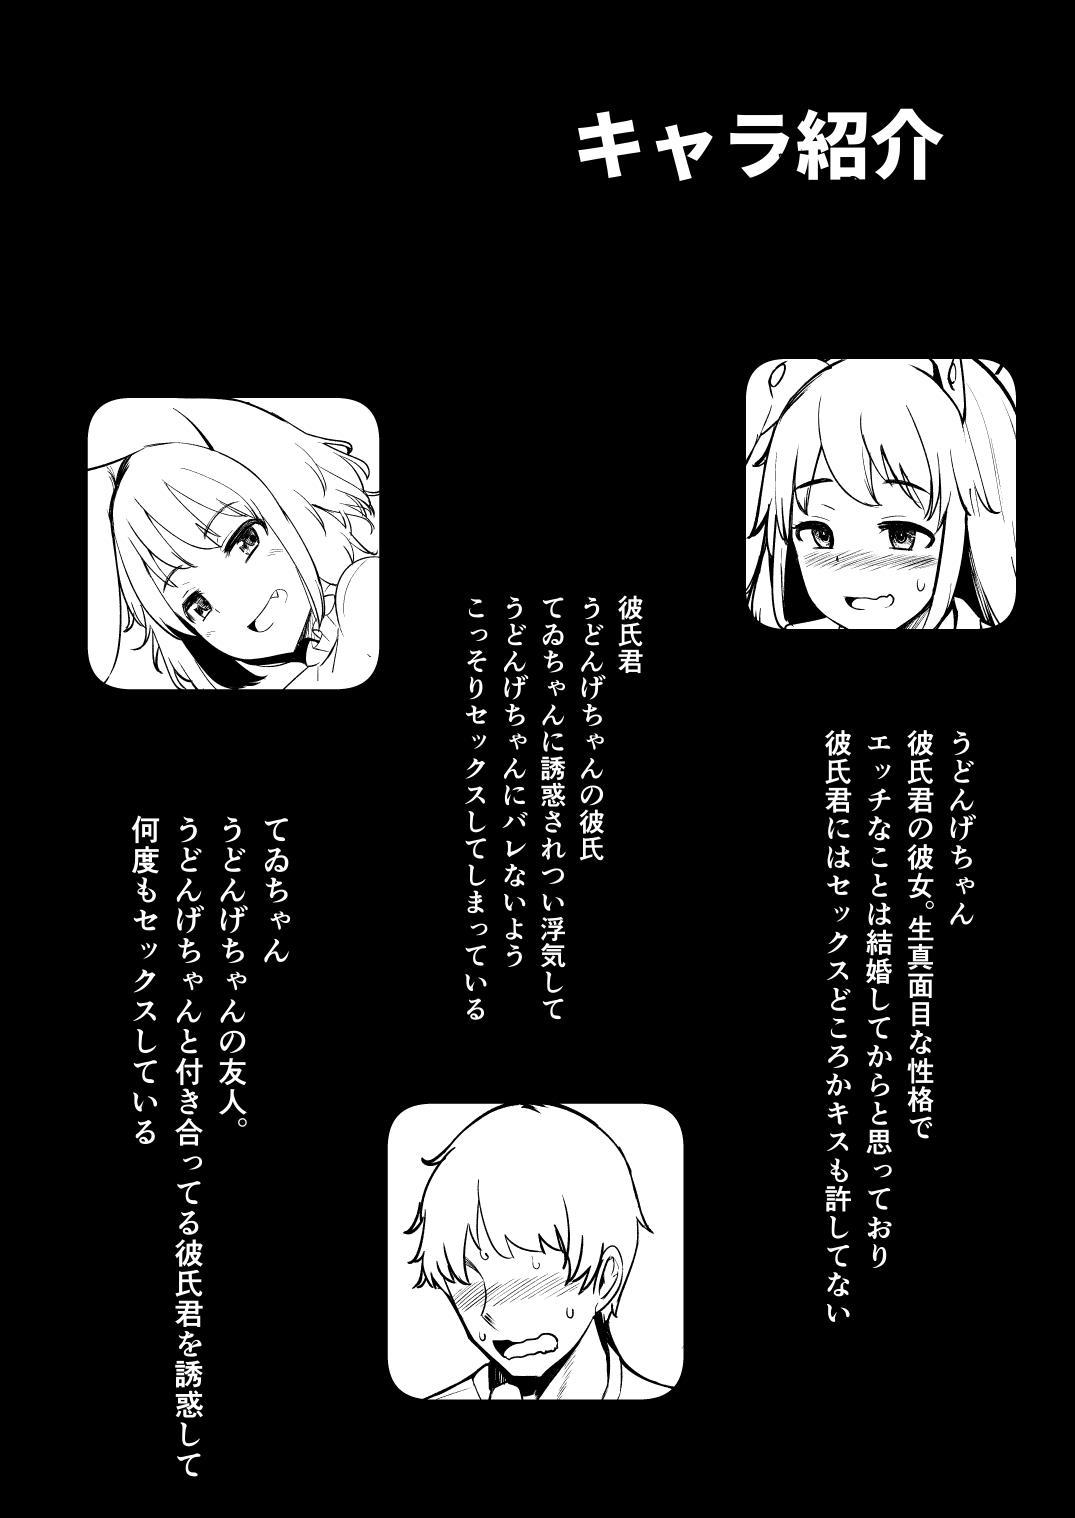 Kanojo ga Hatsujouki nanoni Uwaki Shite Tewi-chan to Sex Shita 2